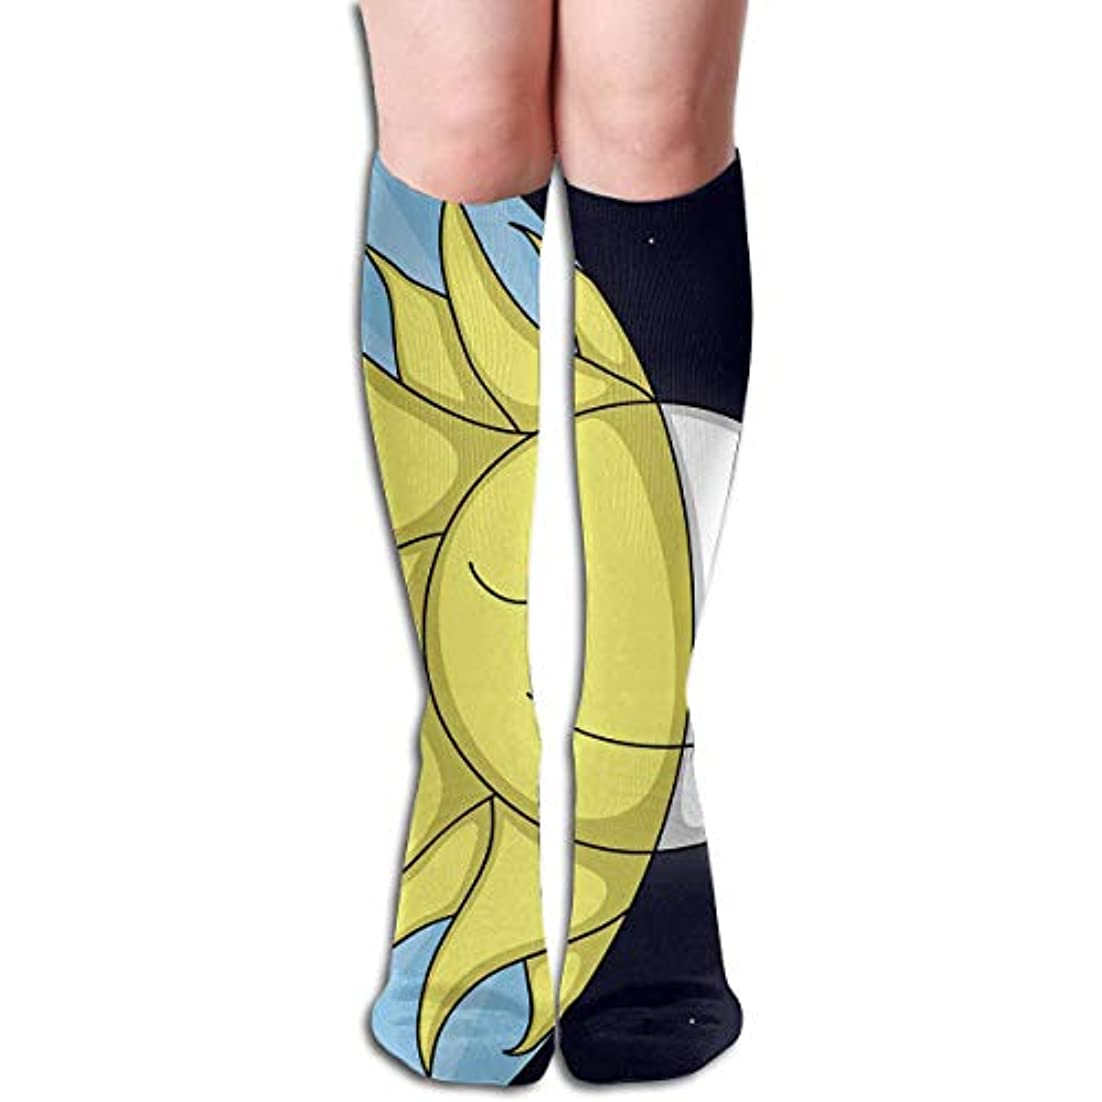 彼洞察力のある医療過誤qrriy日と夜チューブストッキングレディース冬暖かい膝ハイソックスブーツ靴下